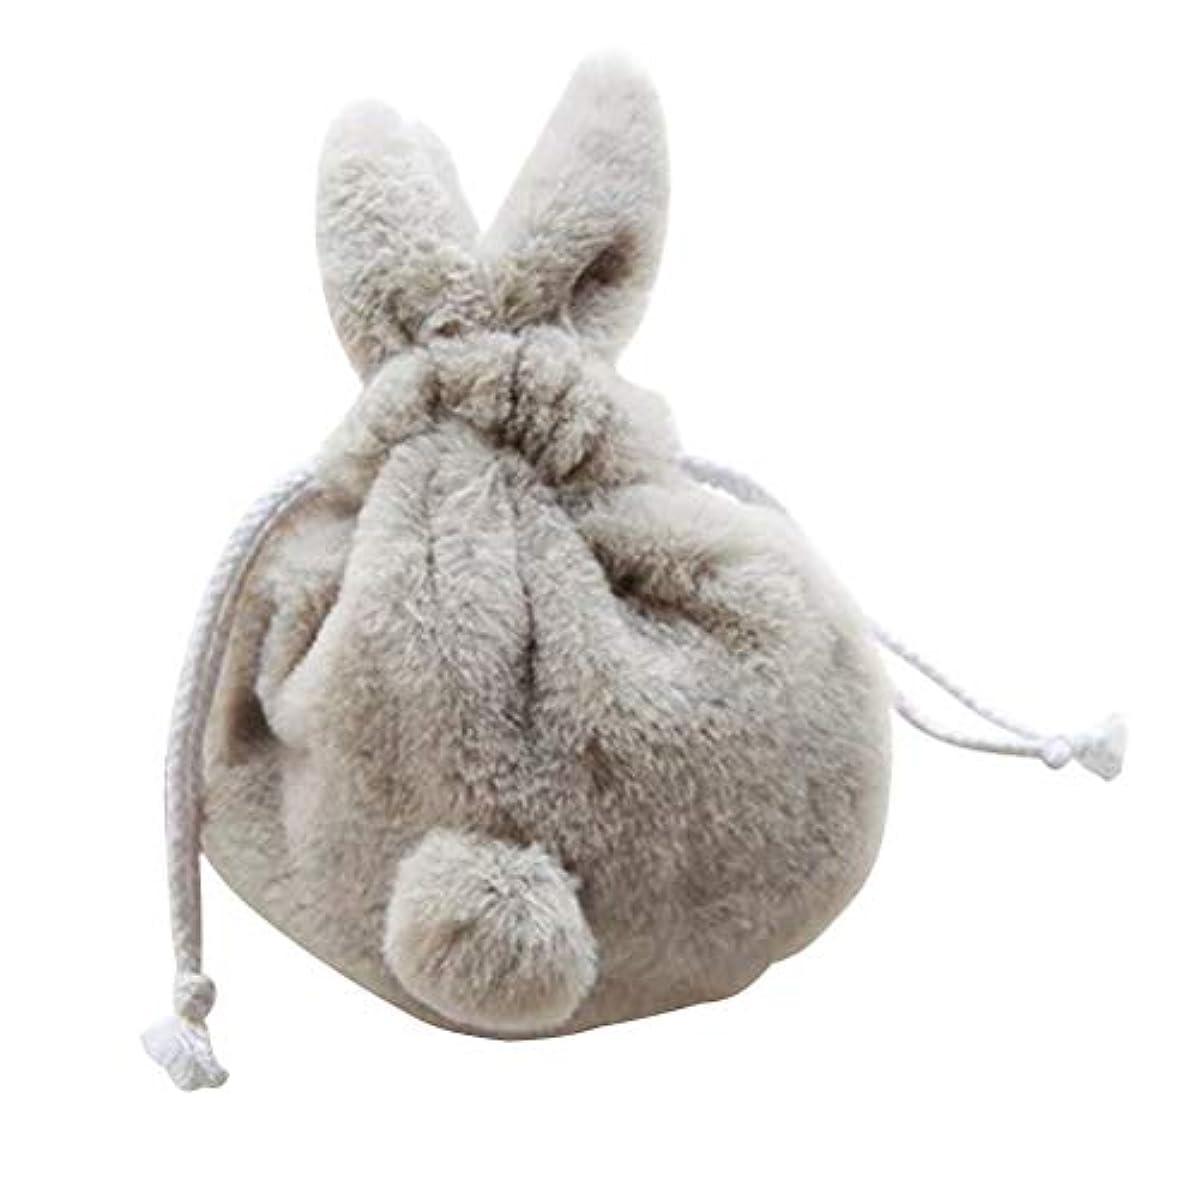 会話ポータル落とし穴FRCOLOR コスメポーチ 化粧ポーチ 化粧バッグ もふもふ うさぎ ポーチ 巾着袋 化粧品収納 小物入れ かわいい(グレー)